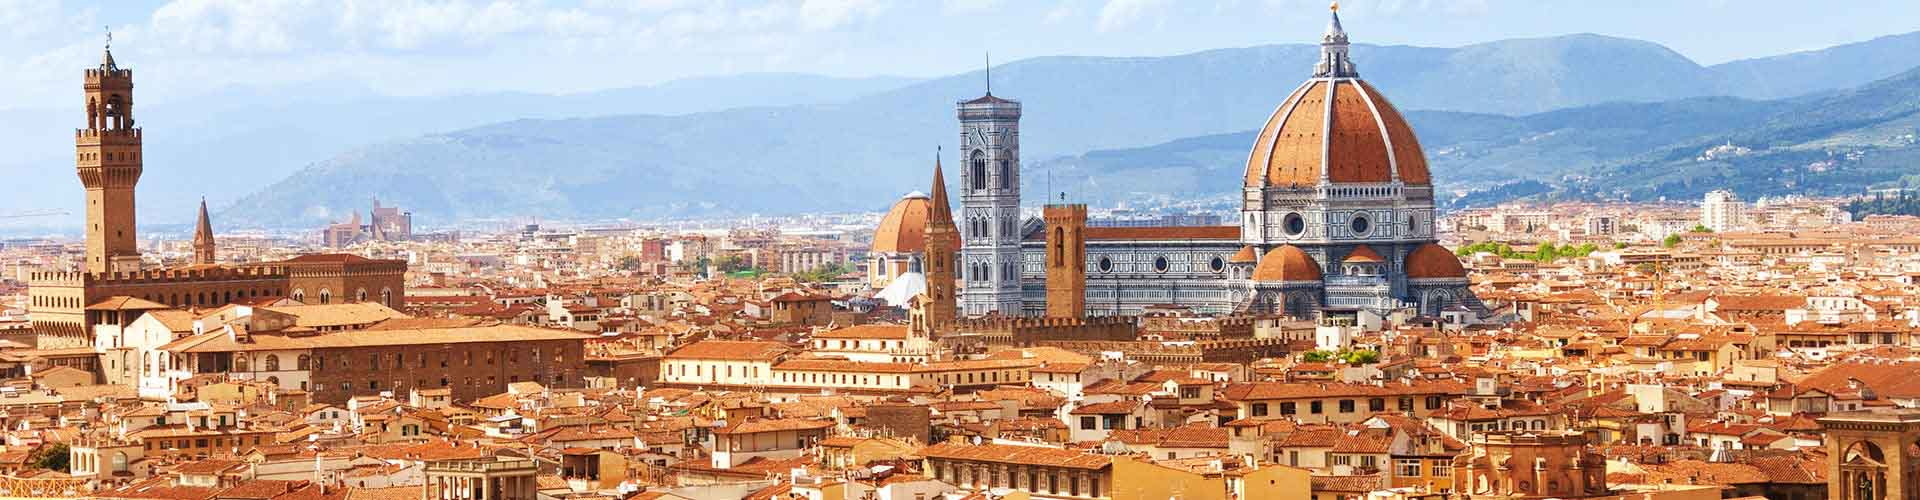 Firenze - Hotelek közel Peretola Repülőtér. Firenze térképek, fotók és ajánlások minden egyes Firenze hotelről.